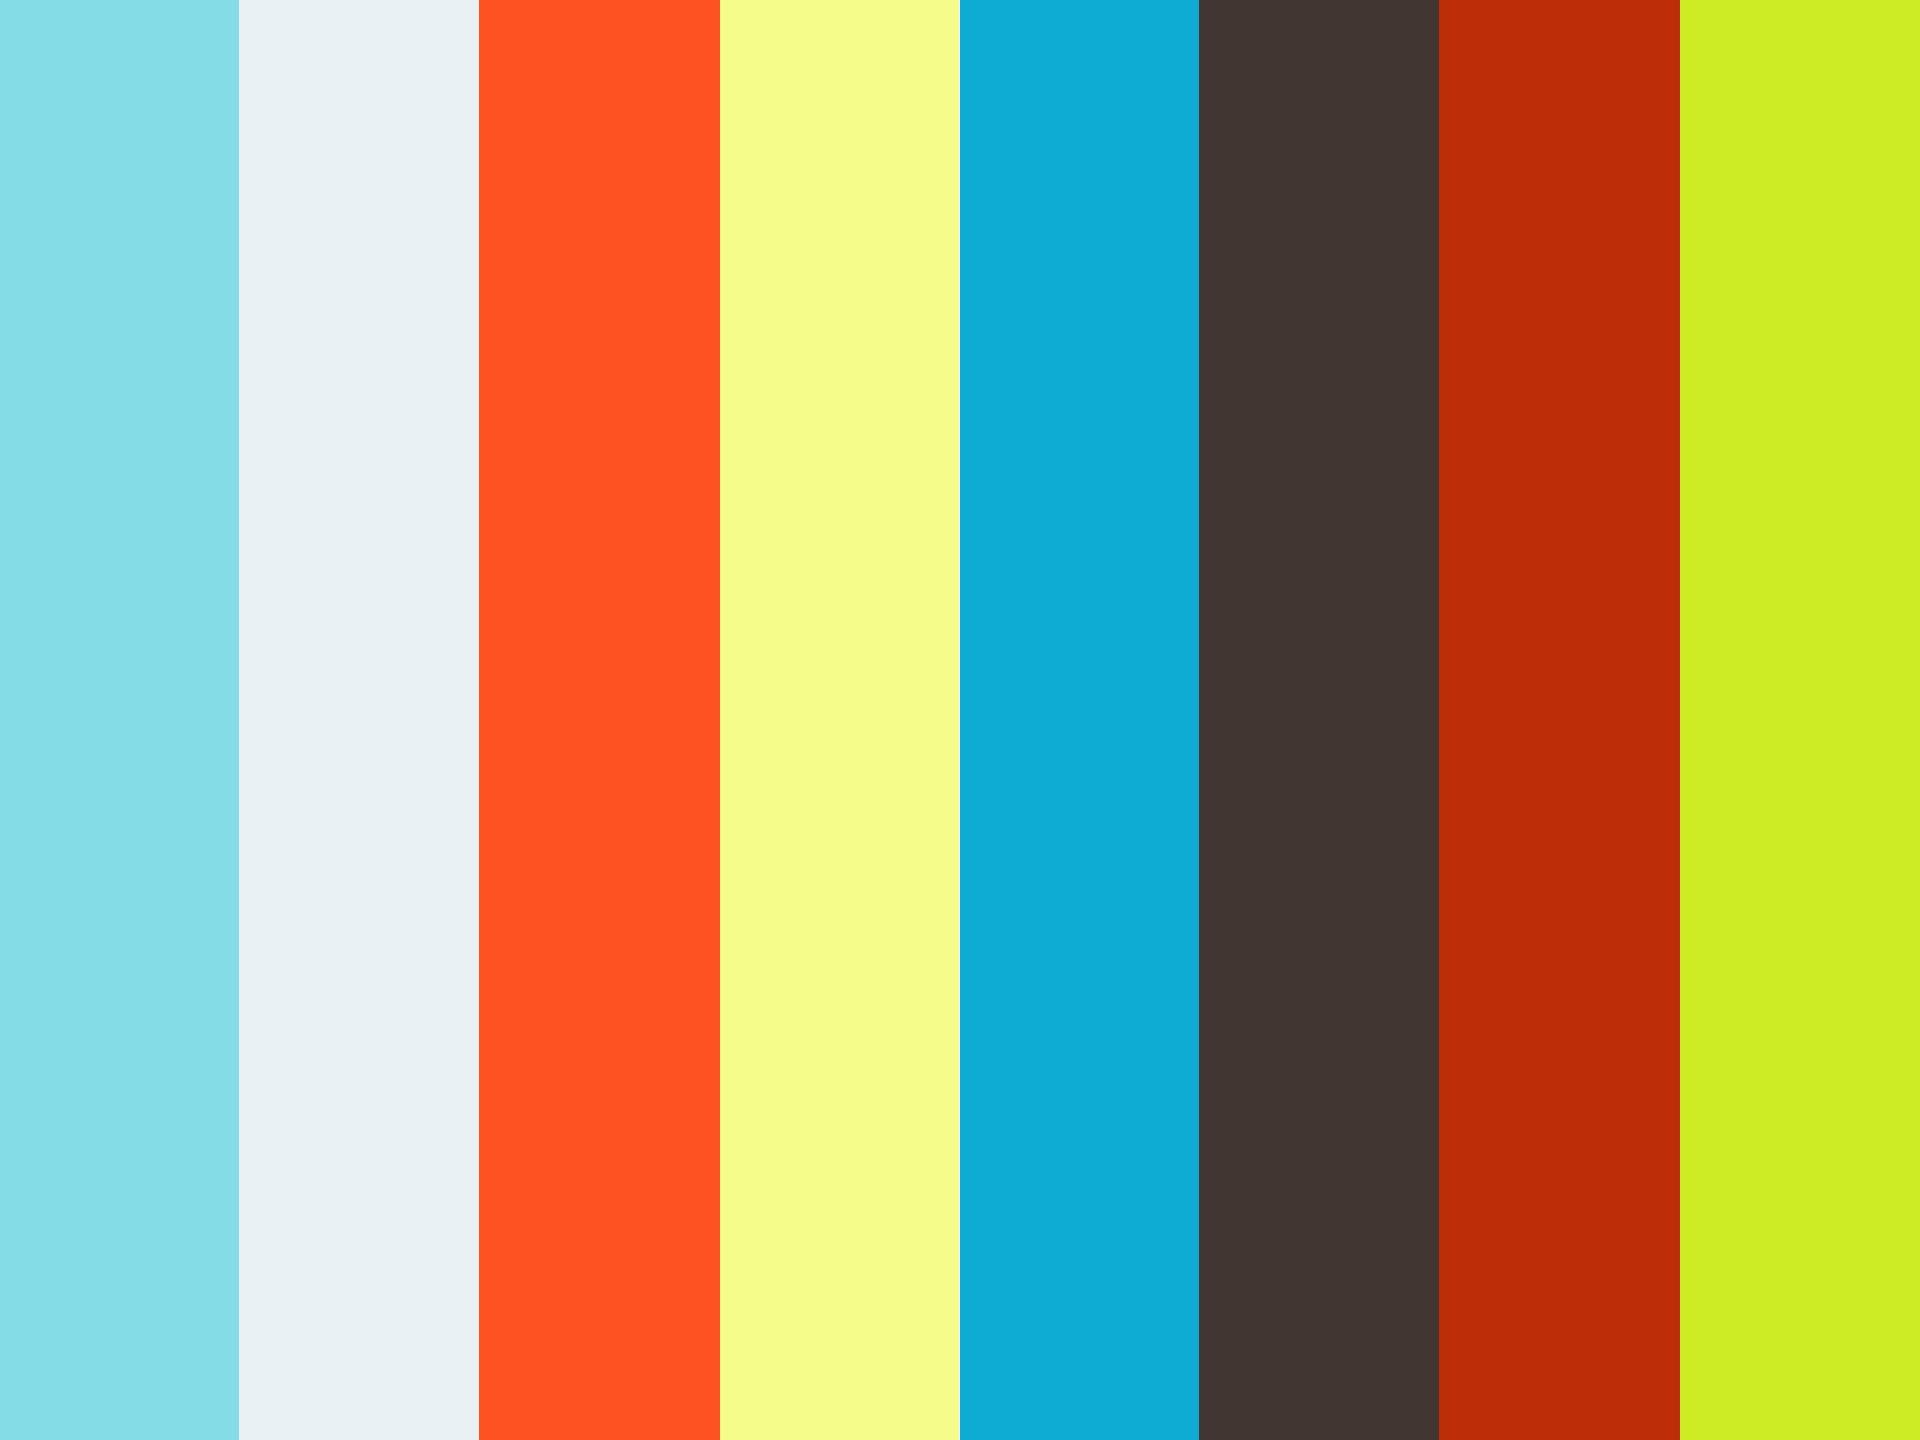 michael sinterniklaas leonardomichael sinterniklaas instagram, michael sinterniklaas imdb, michael sinterniklaas, michael sinterniklaas wiki, michael sinterniklaas winx, michael sinterniklaas behind the voice actors, michael sinterniklaas leonardo, michael sinterniklaas twitter, michael sinterniklaas voice, michael sinterniklaas facebook, michael sinterniklaas tv tropes, michael sinterniklaas interview, michael sinterniklaas movies and tv shows, michael sinterniklaas yugioh, michael sinterniklaas pokemon, michael sinterniklaas dean, michael sinterniklaas tmnt, michael sinterniklaas nnoitra, michael sinterniklaas myanimelist, michael sinterniklaas naruto